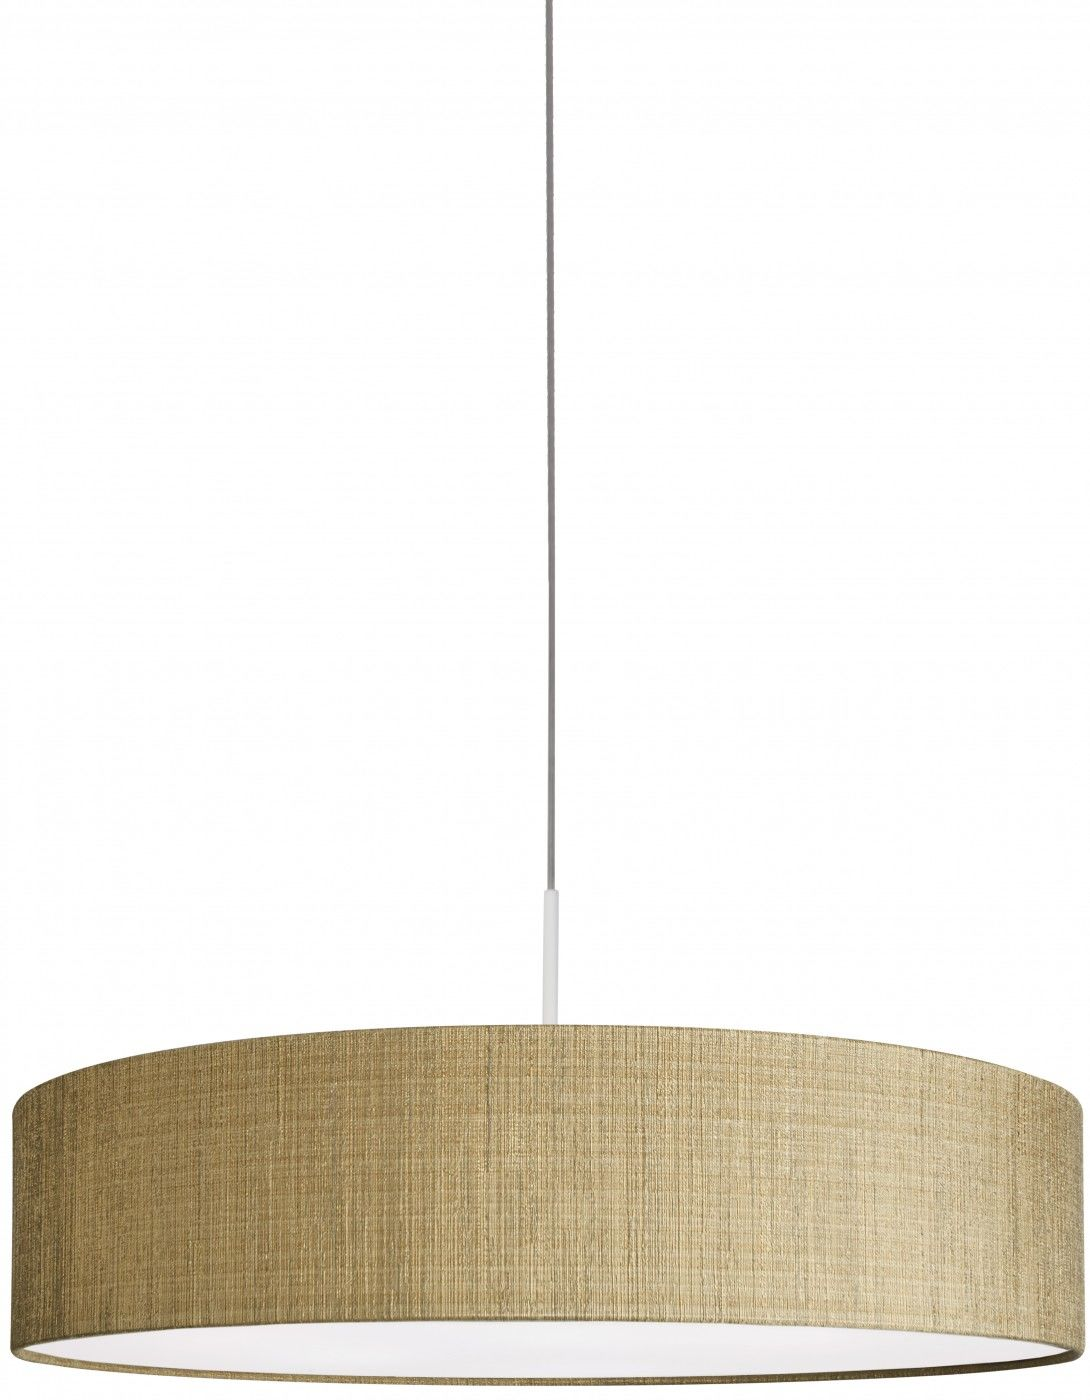 Lampa wisząca Turda 8950 Nowodvorski Lighting okrągła złota oprawa w dekoracyjnym stylu